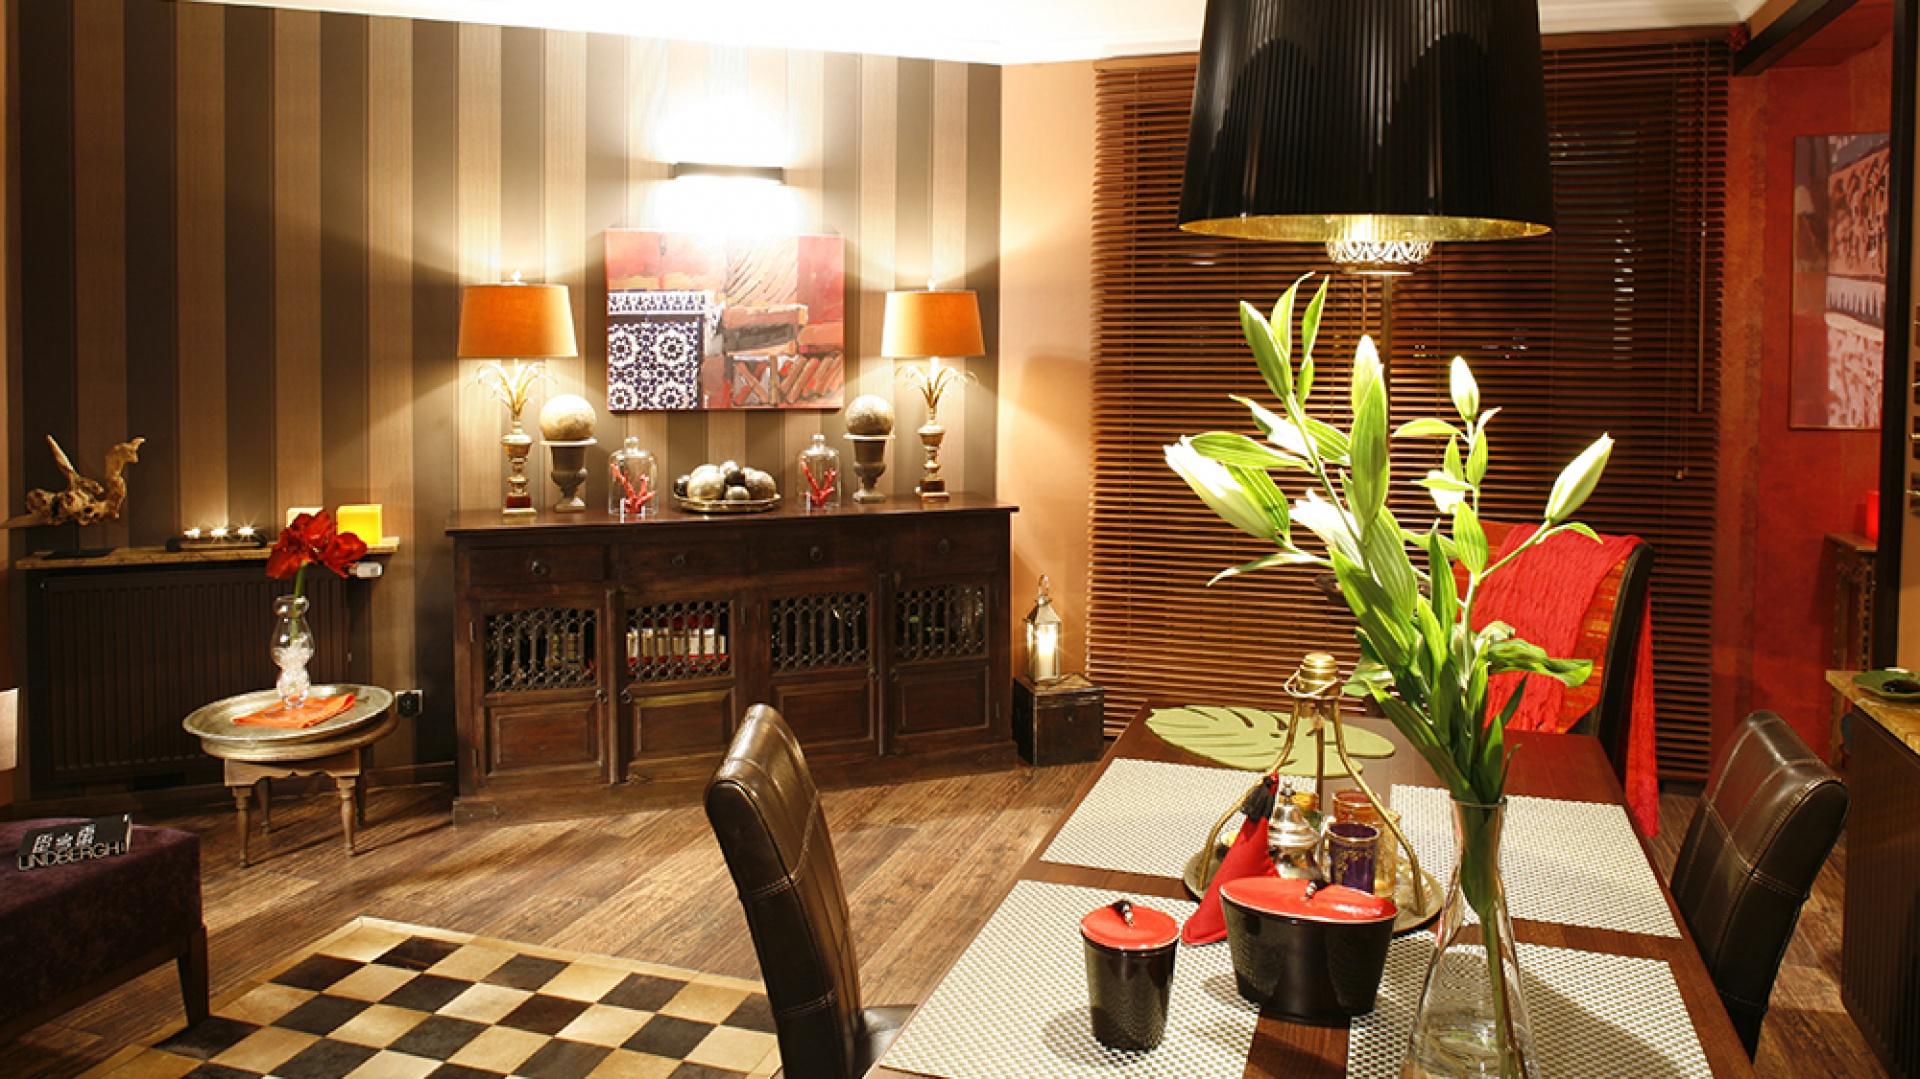 Goście siedzący przy stole mogą podziwiać unikaty tego domu, jak... malarstwo Moniki Kantor. Fot. Bartosz Jarosz.